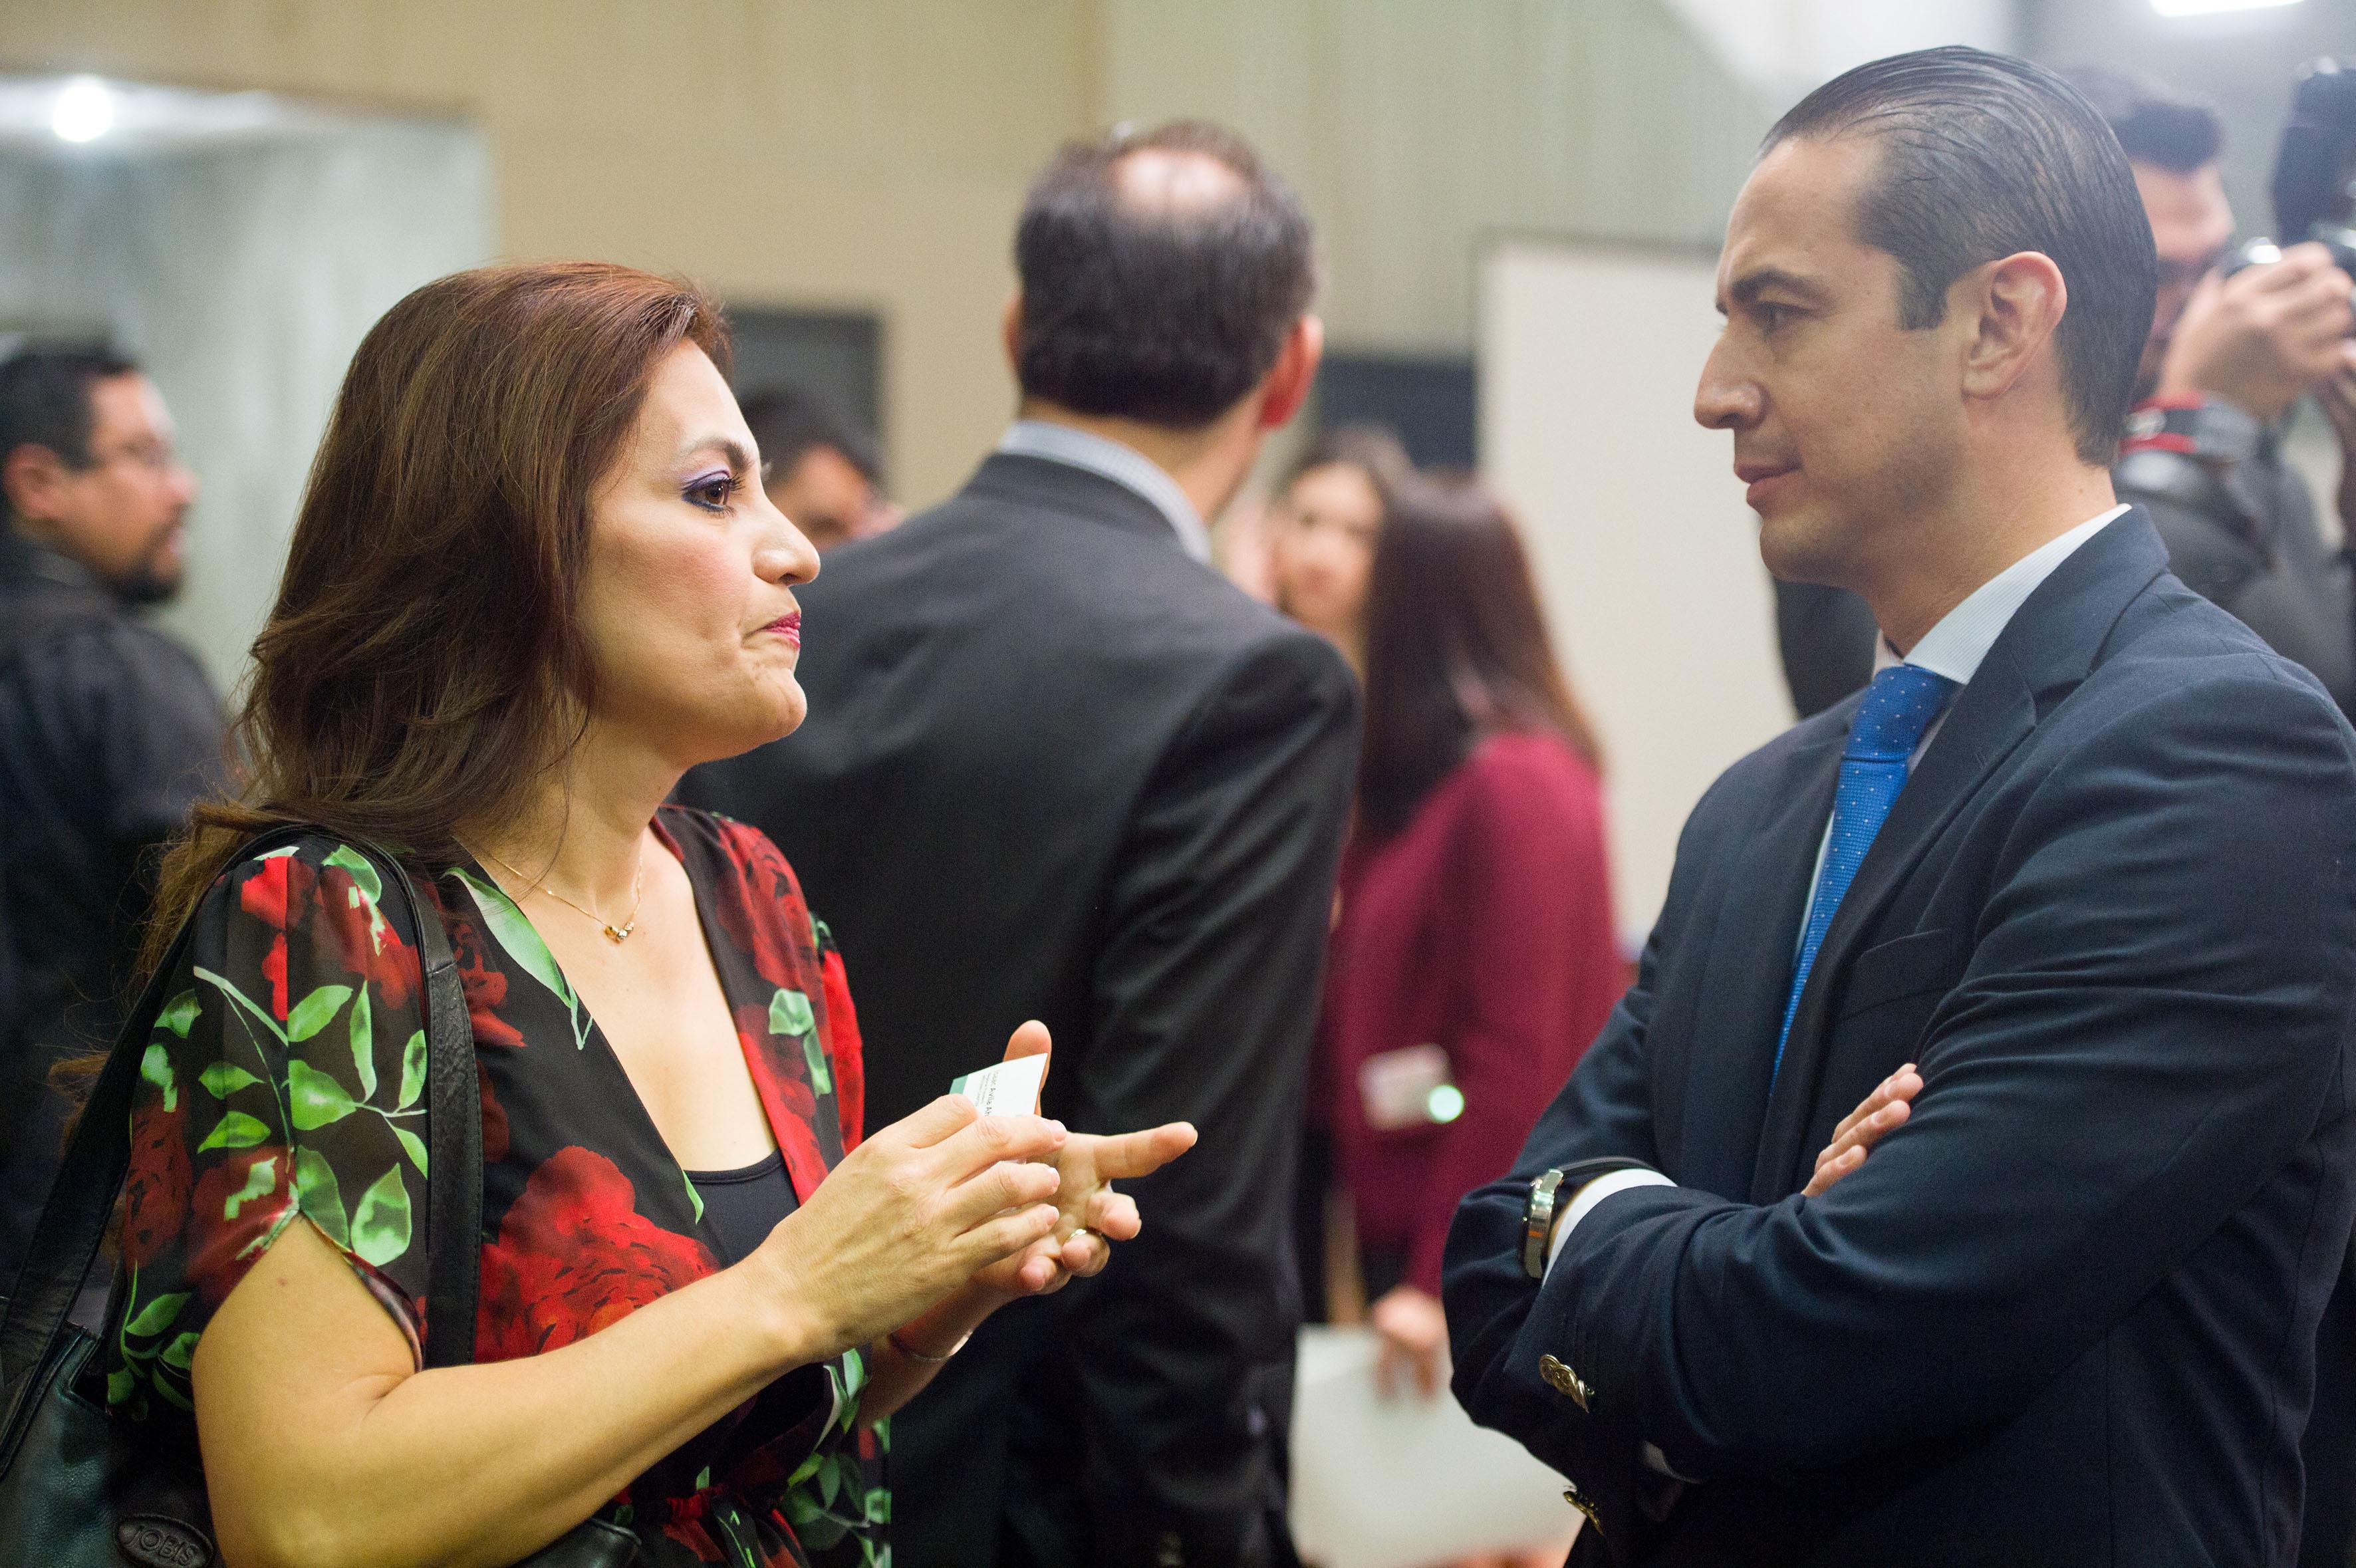 Dra. Patricia Rosas Chavez y Isaac Ávila Ahumada, presidente de la Cámara Nacional de la Industria Electrónica, de Telecomunicaciones y Tecnologías de la Información (Canieti).